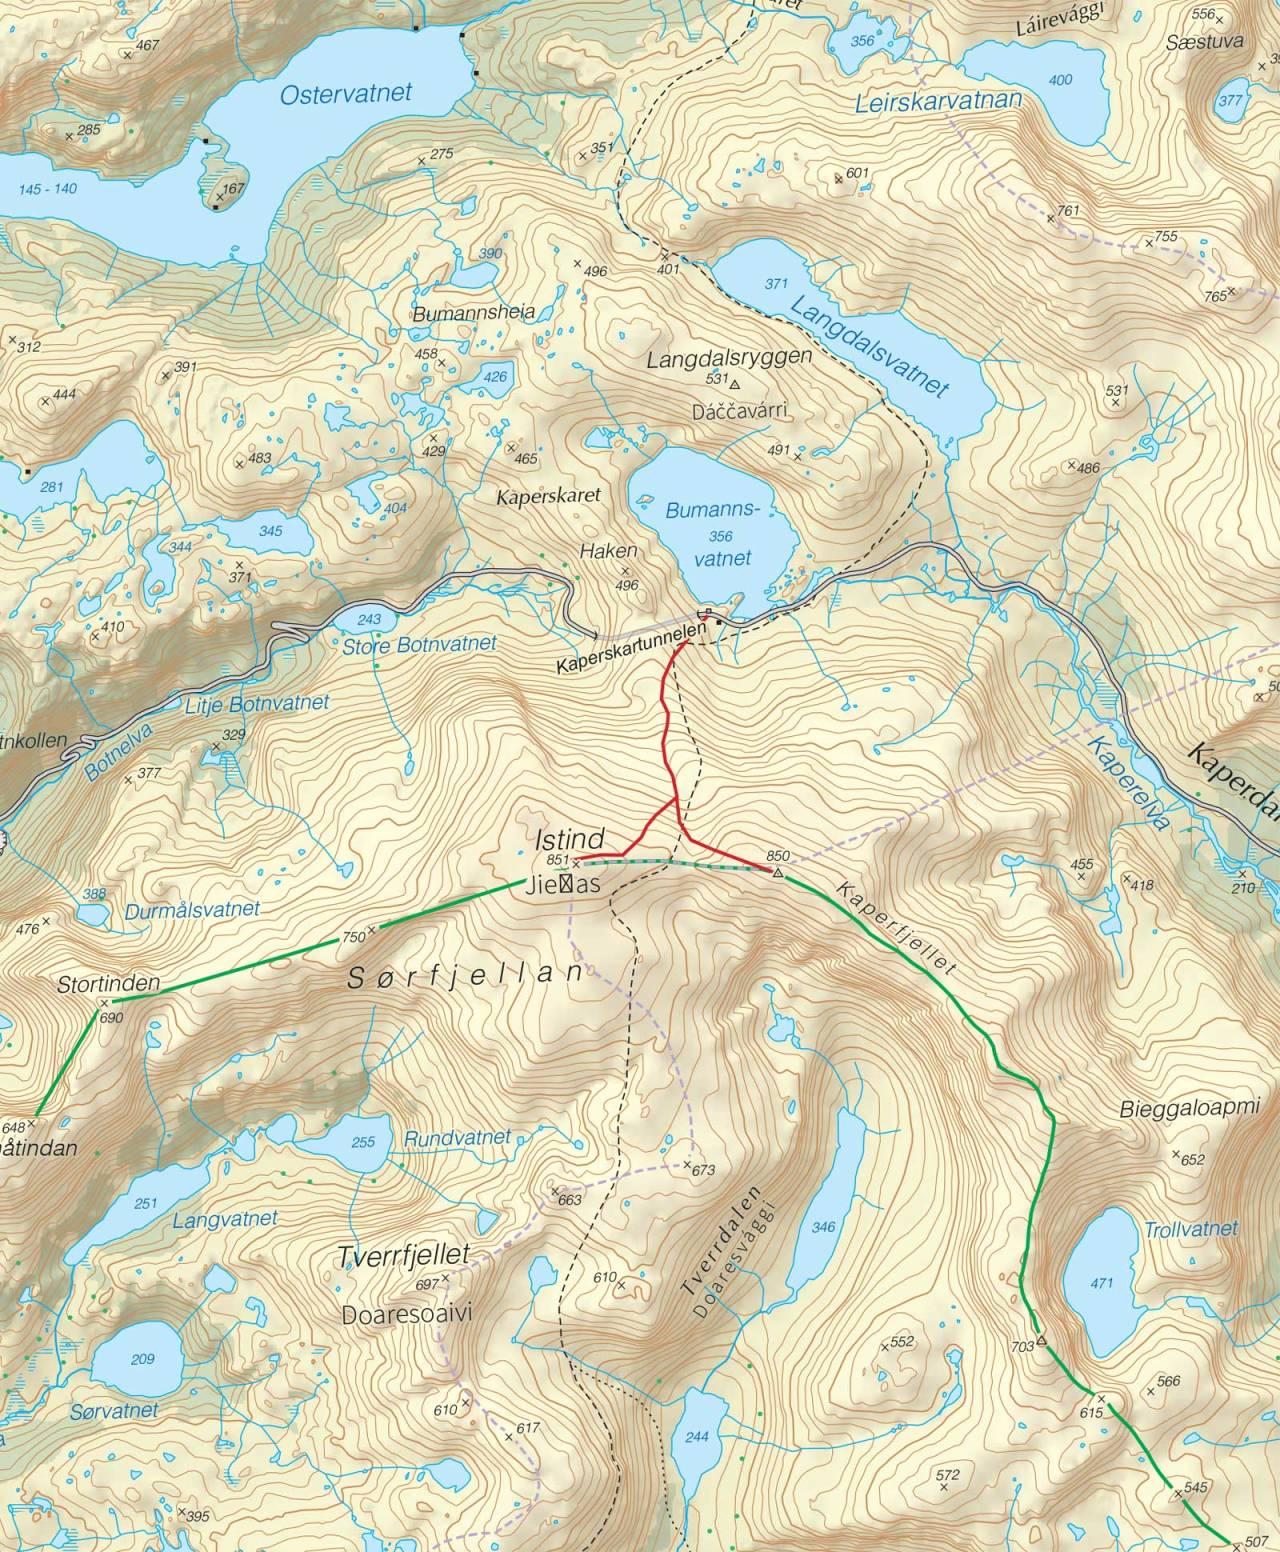 Kart over Istind og Kaperfjellet med inntegnet rute. Fra Trygge toppturer